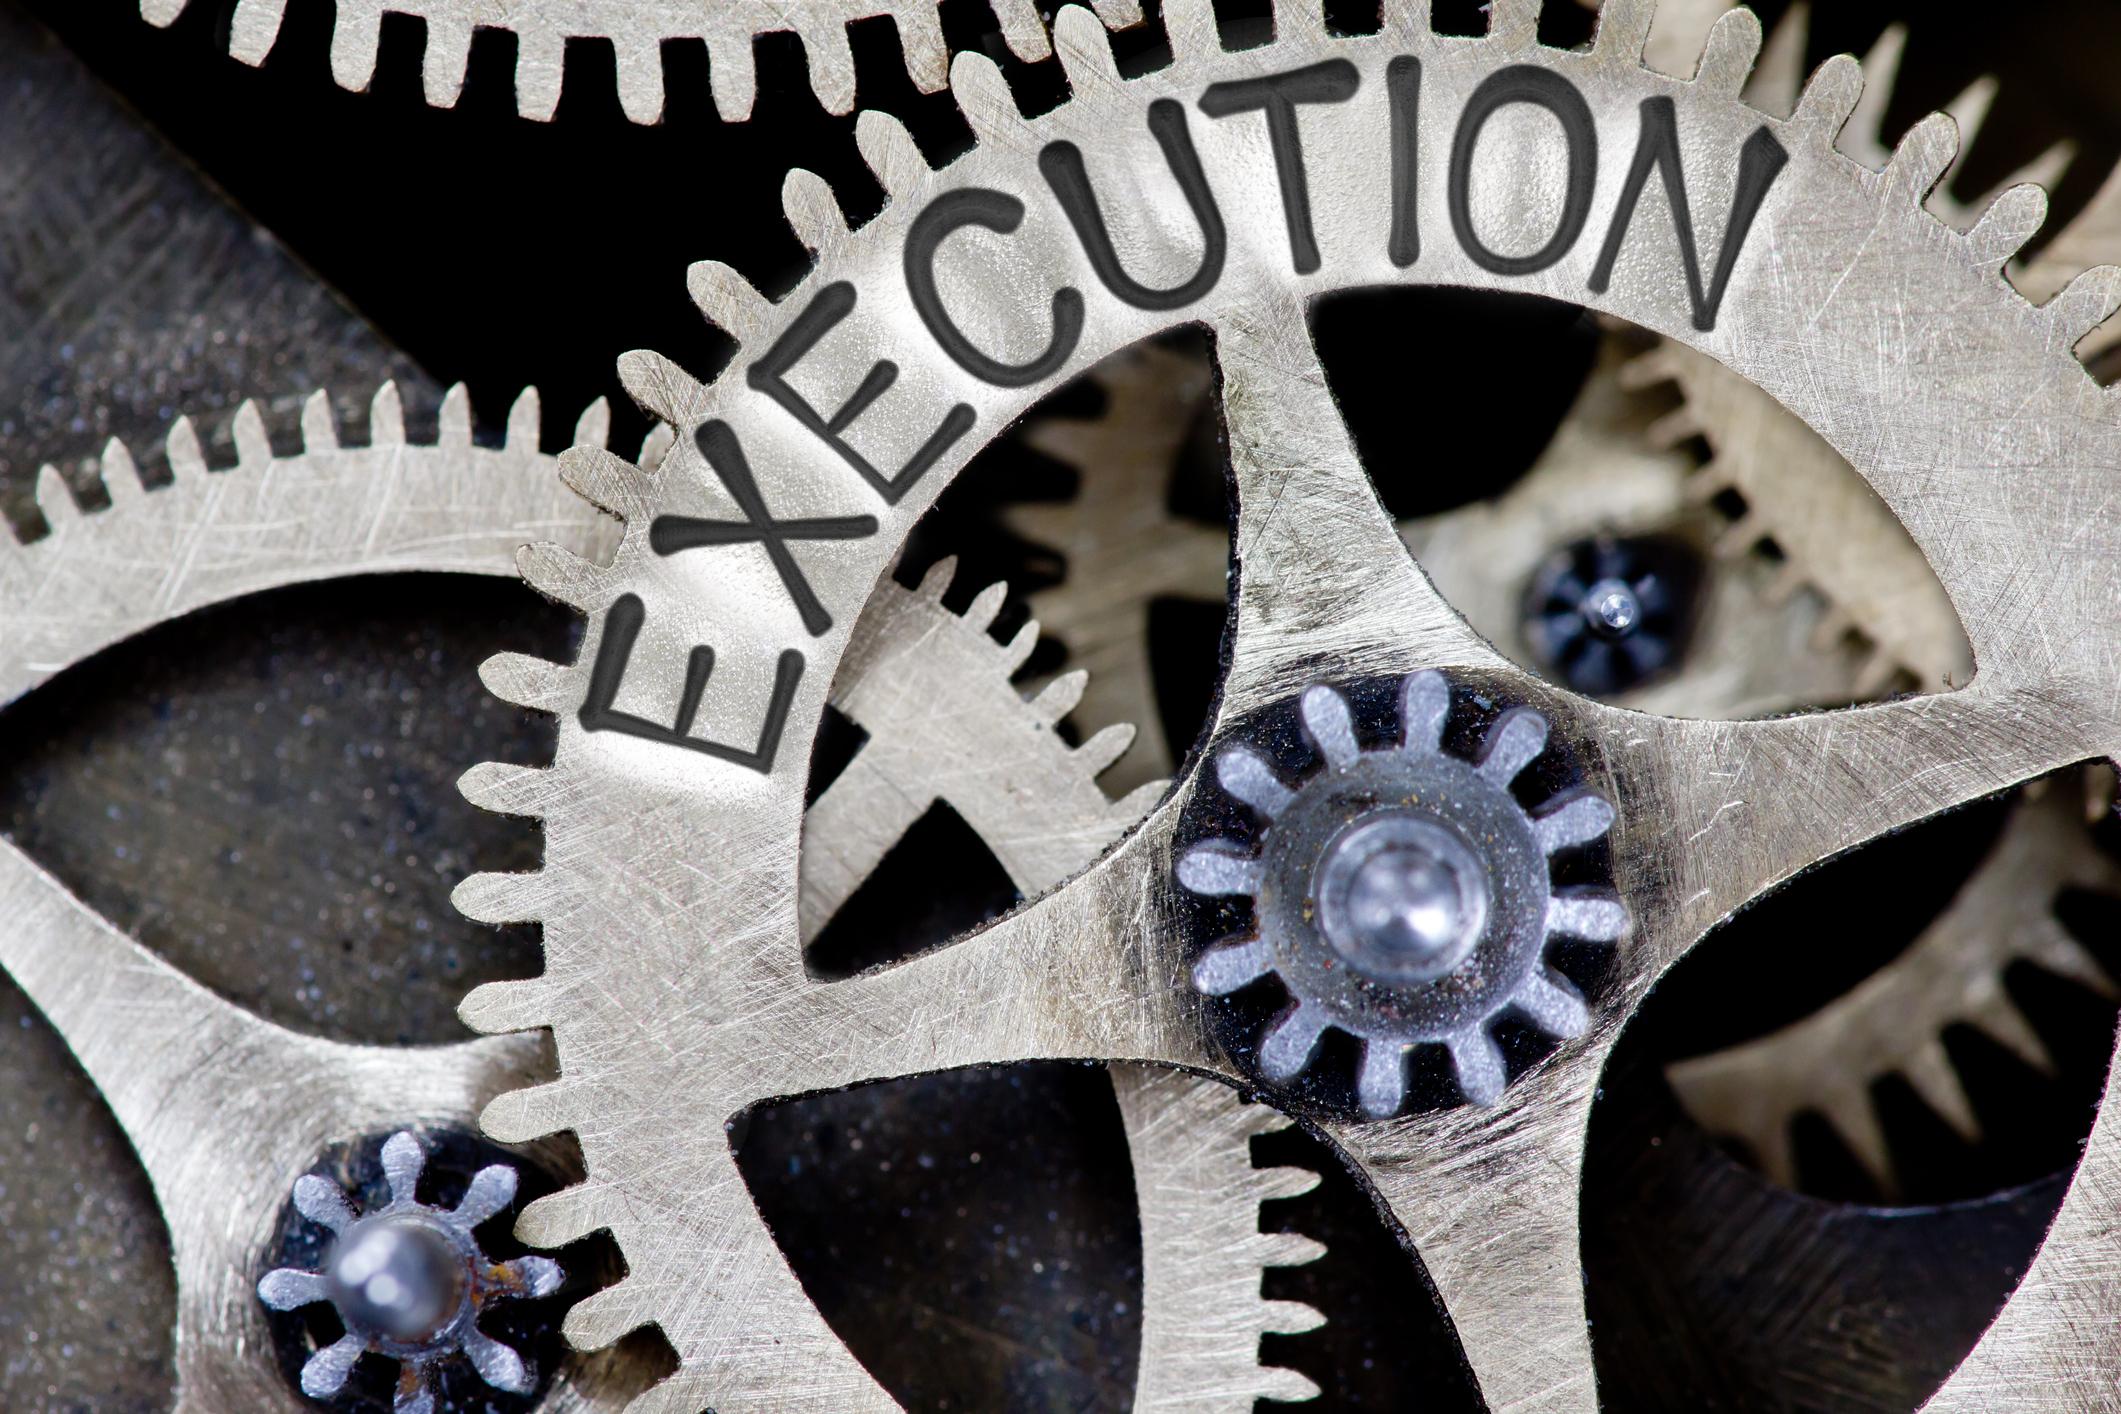 Open Webinar - Strategy Execution